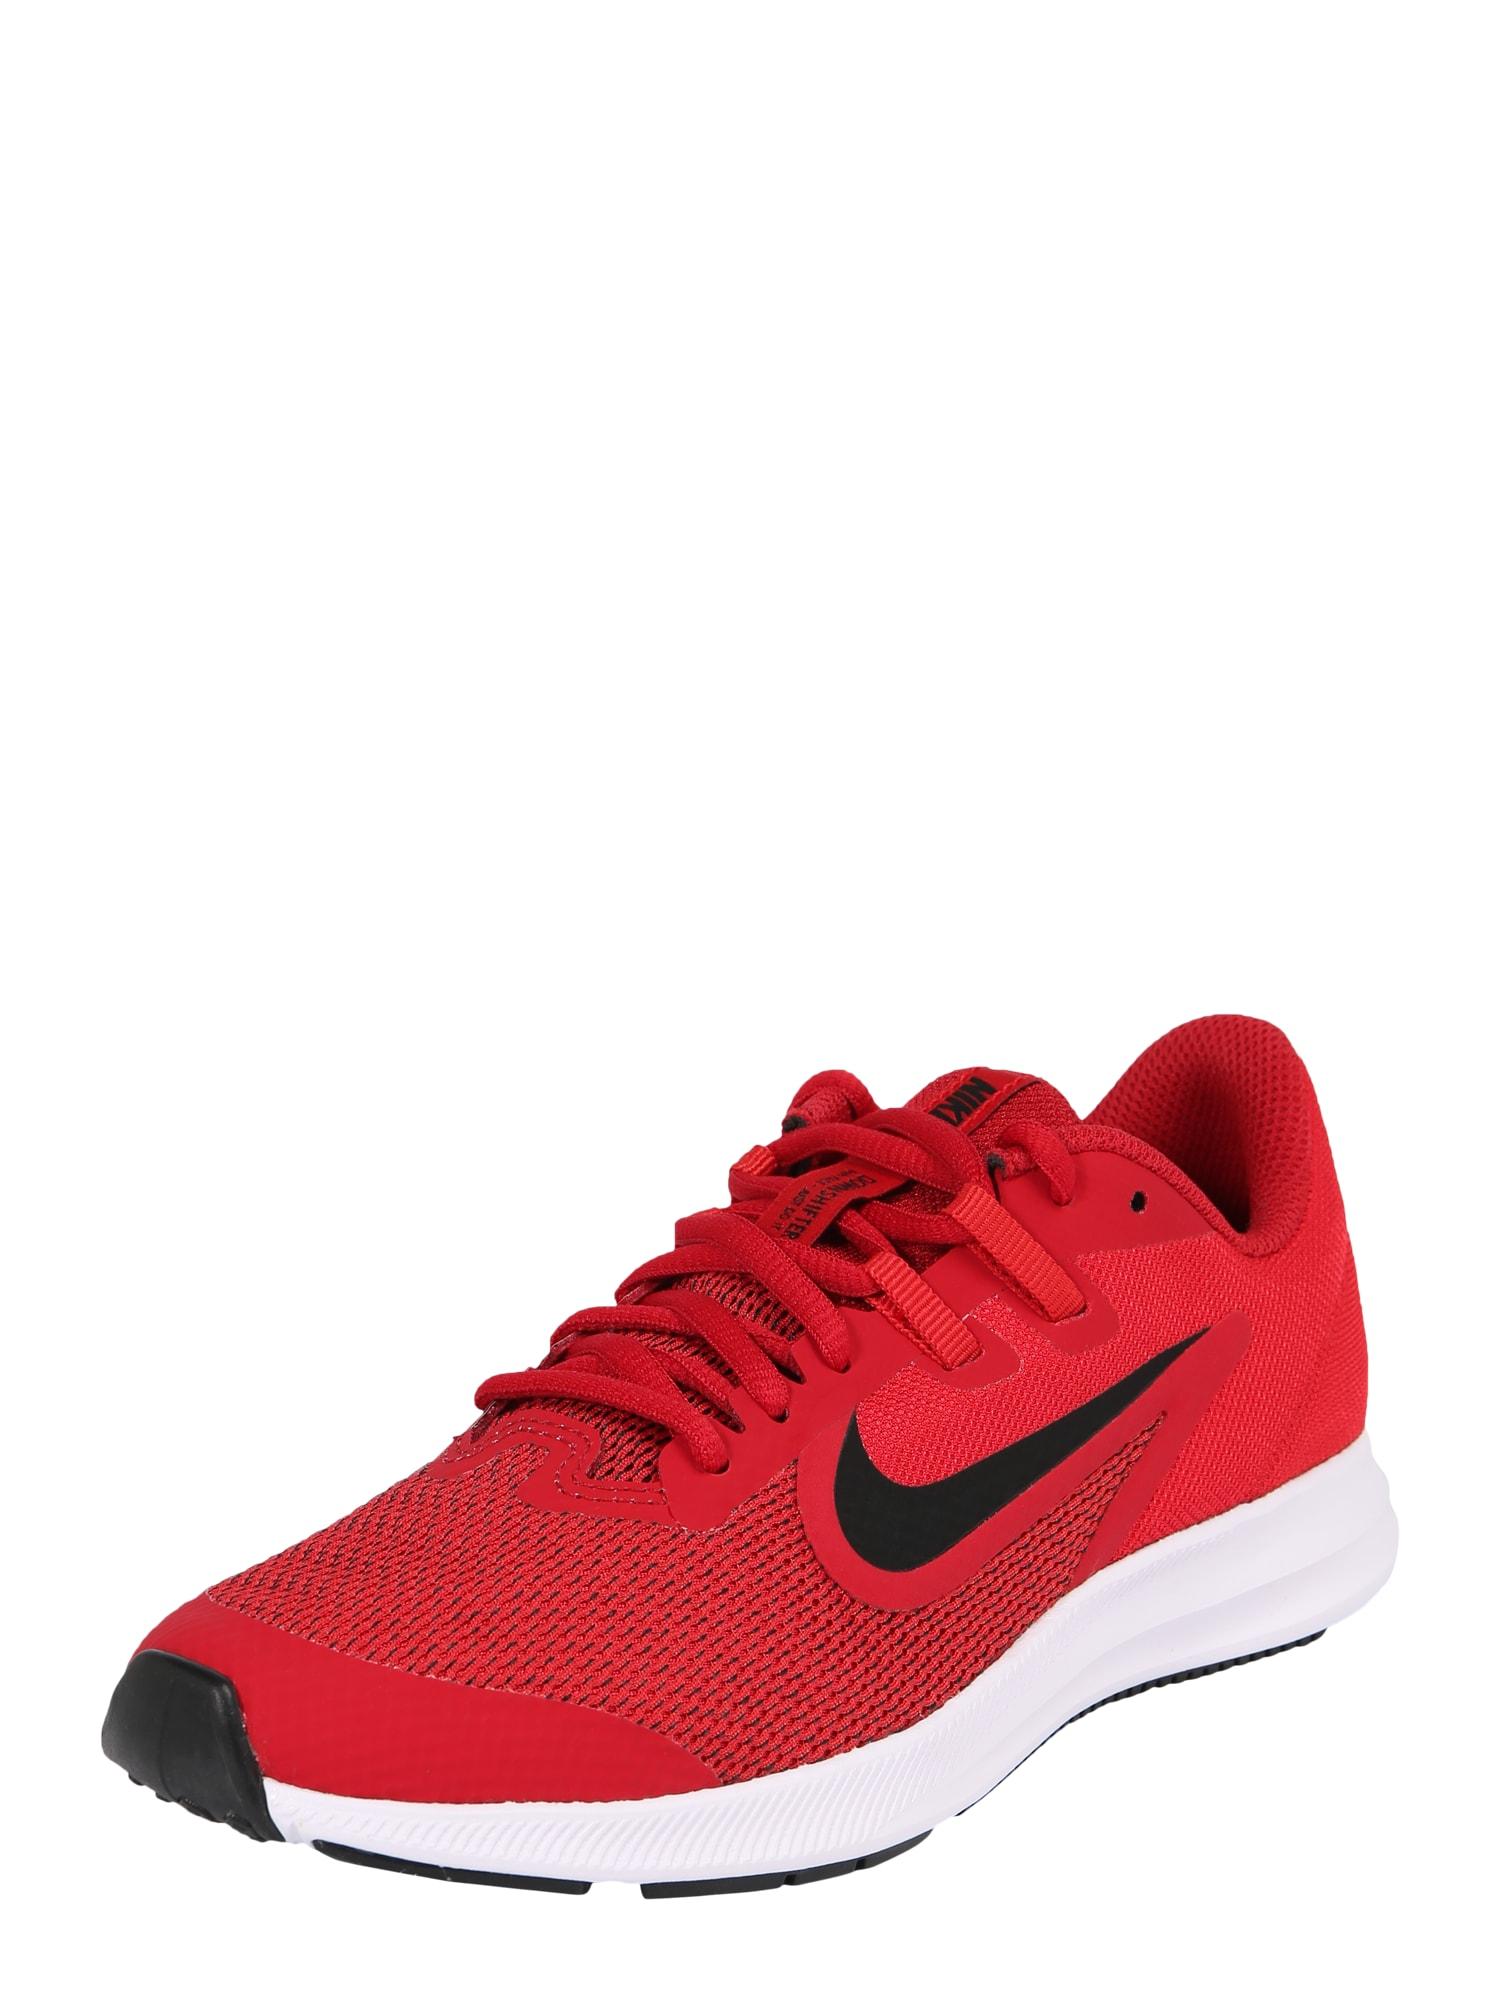 Sportovní boty Downshifter 9 červená černá NIKE